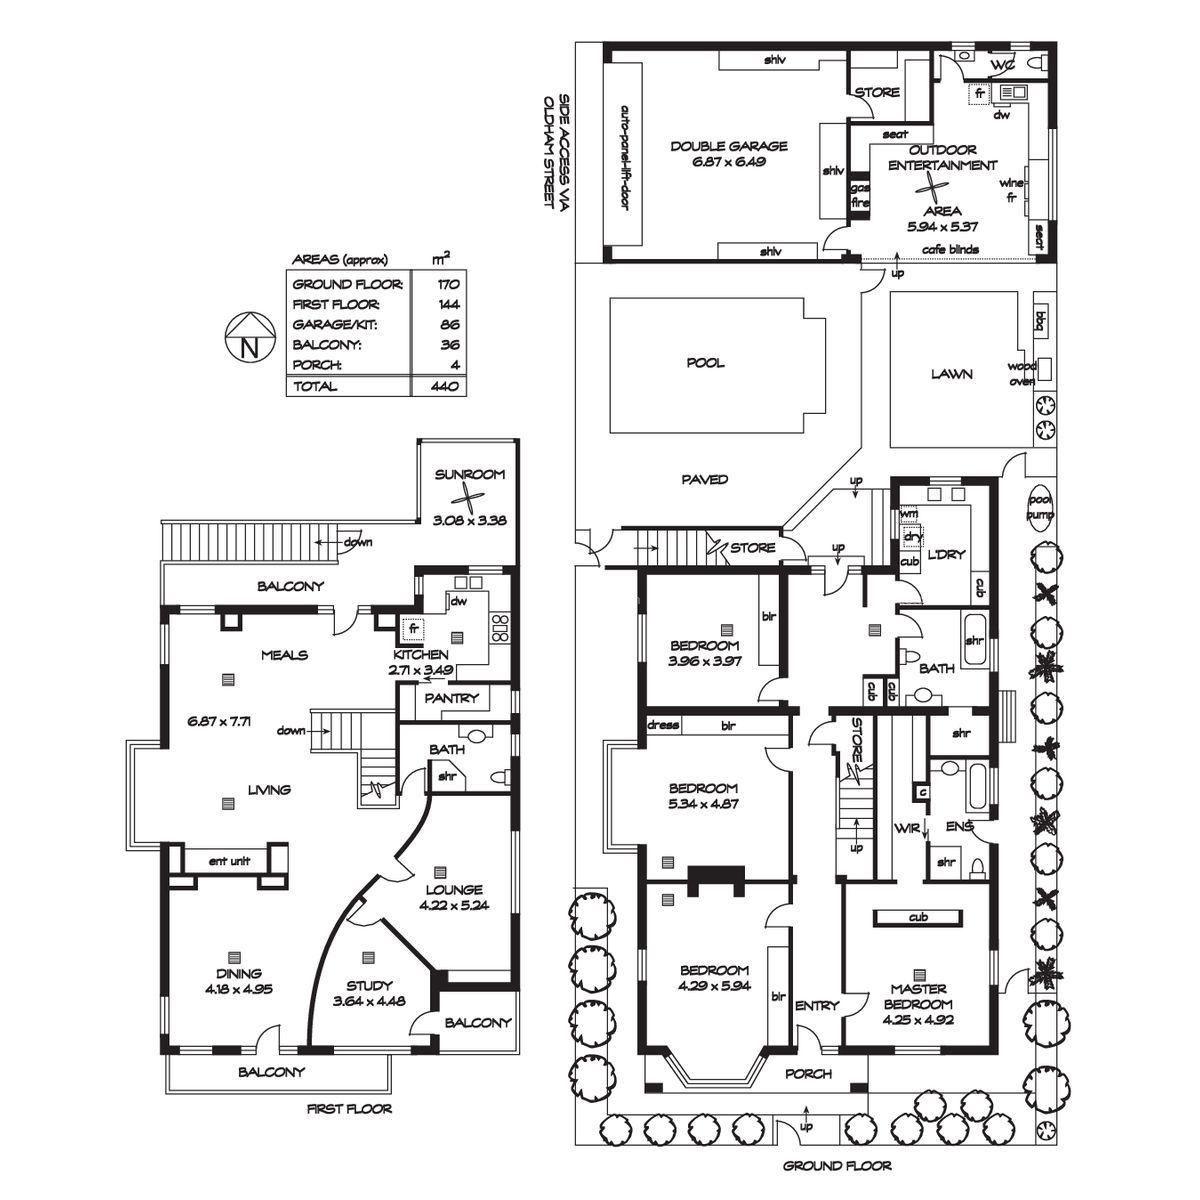 总统套房平面设计图